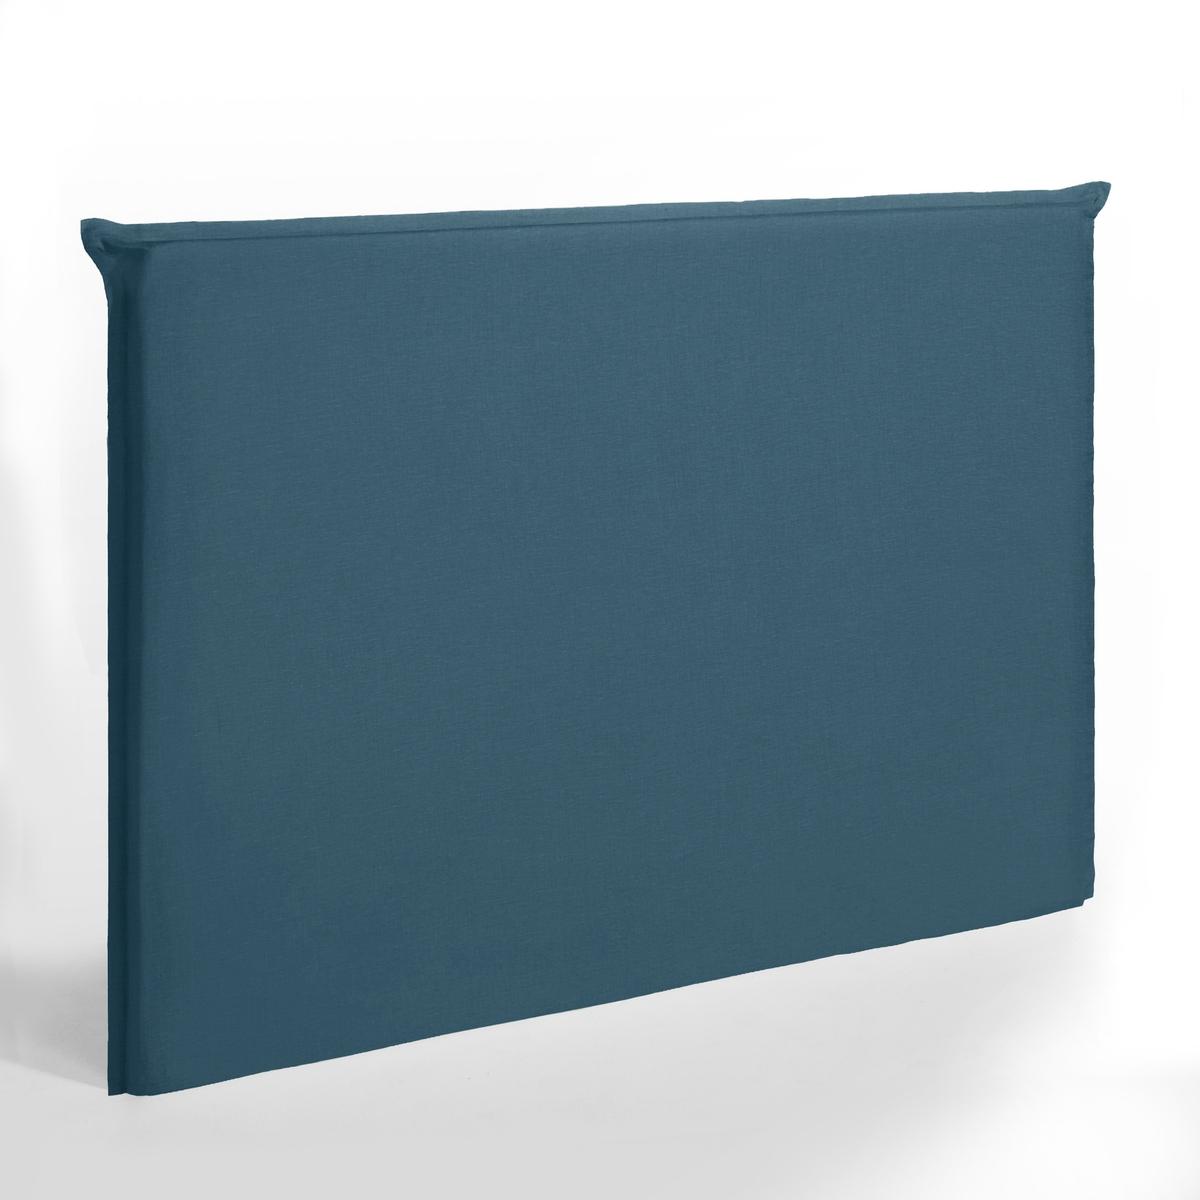 Чехол La Redoute Для изголовья кровати высотой см из стираного льна Sandor 140 см синий чехол из льна с помпонами для изголовья кровати sandor